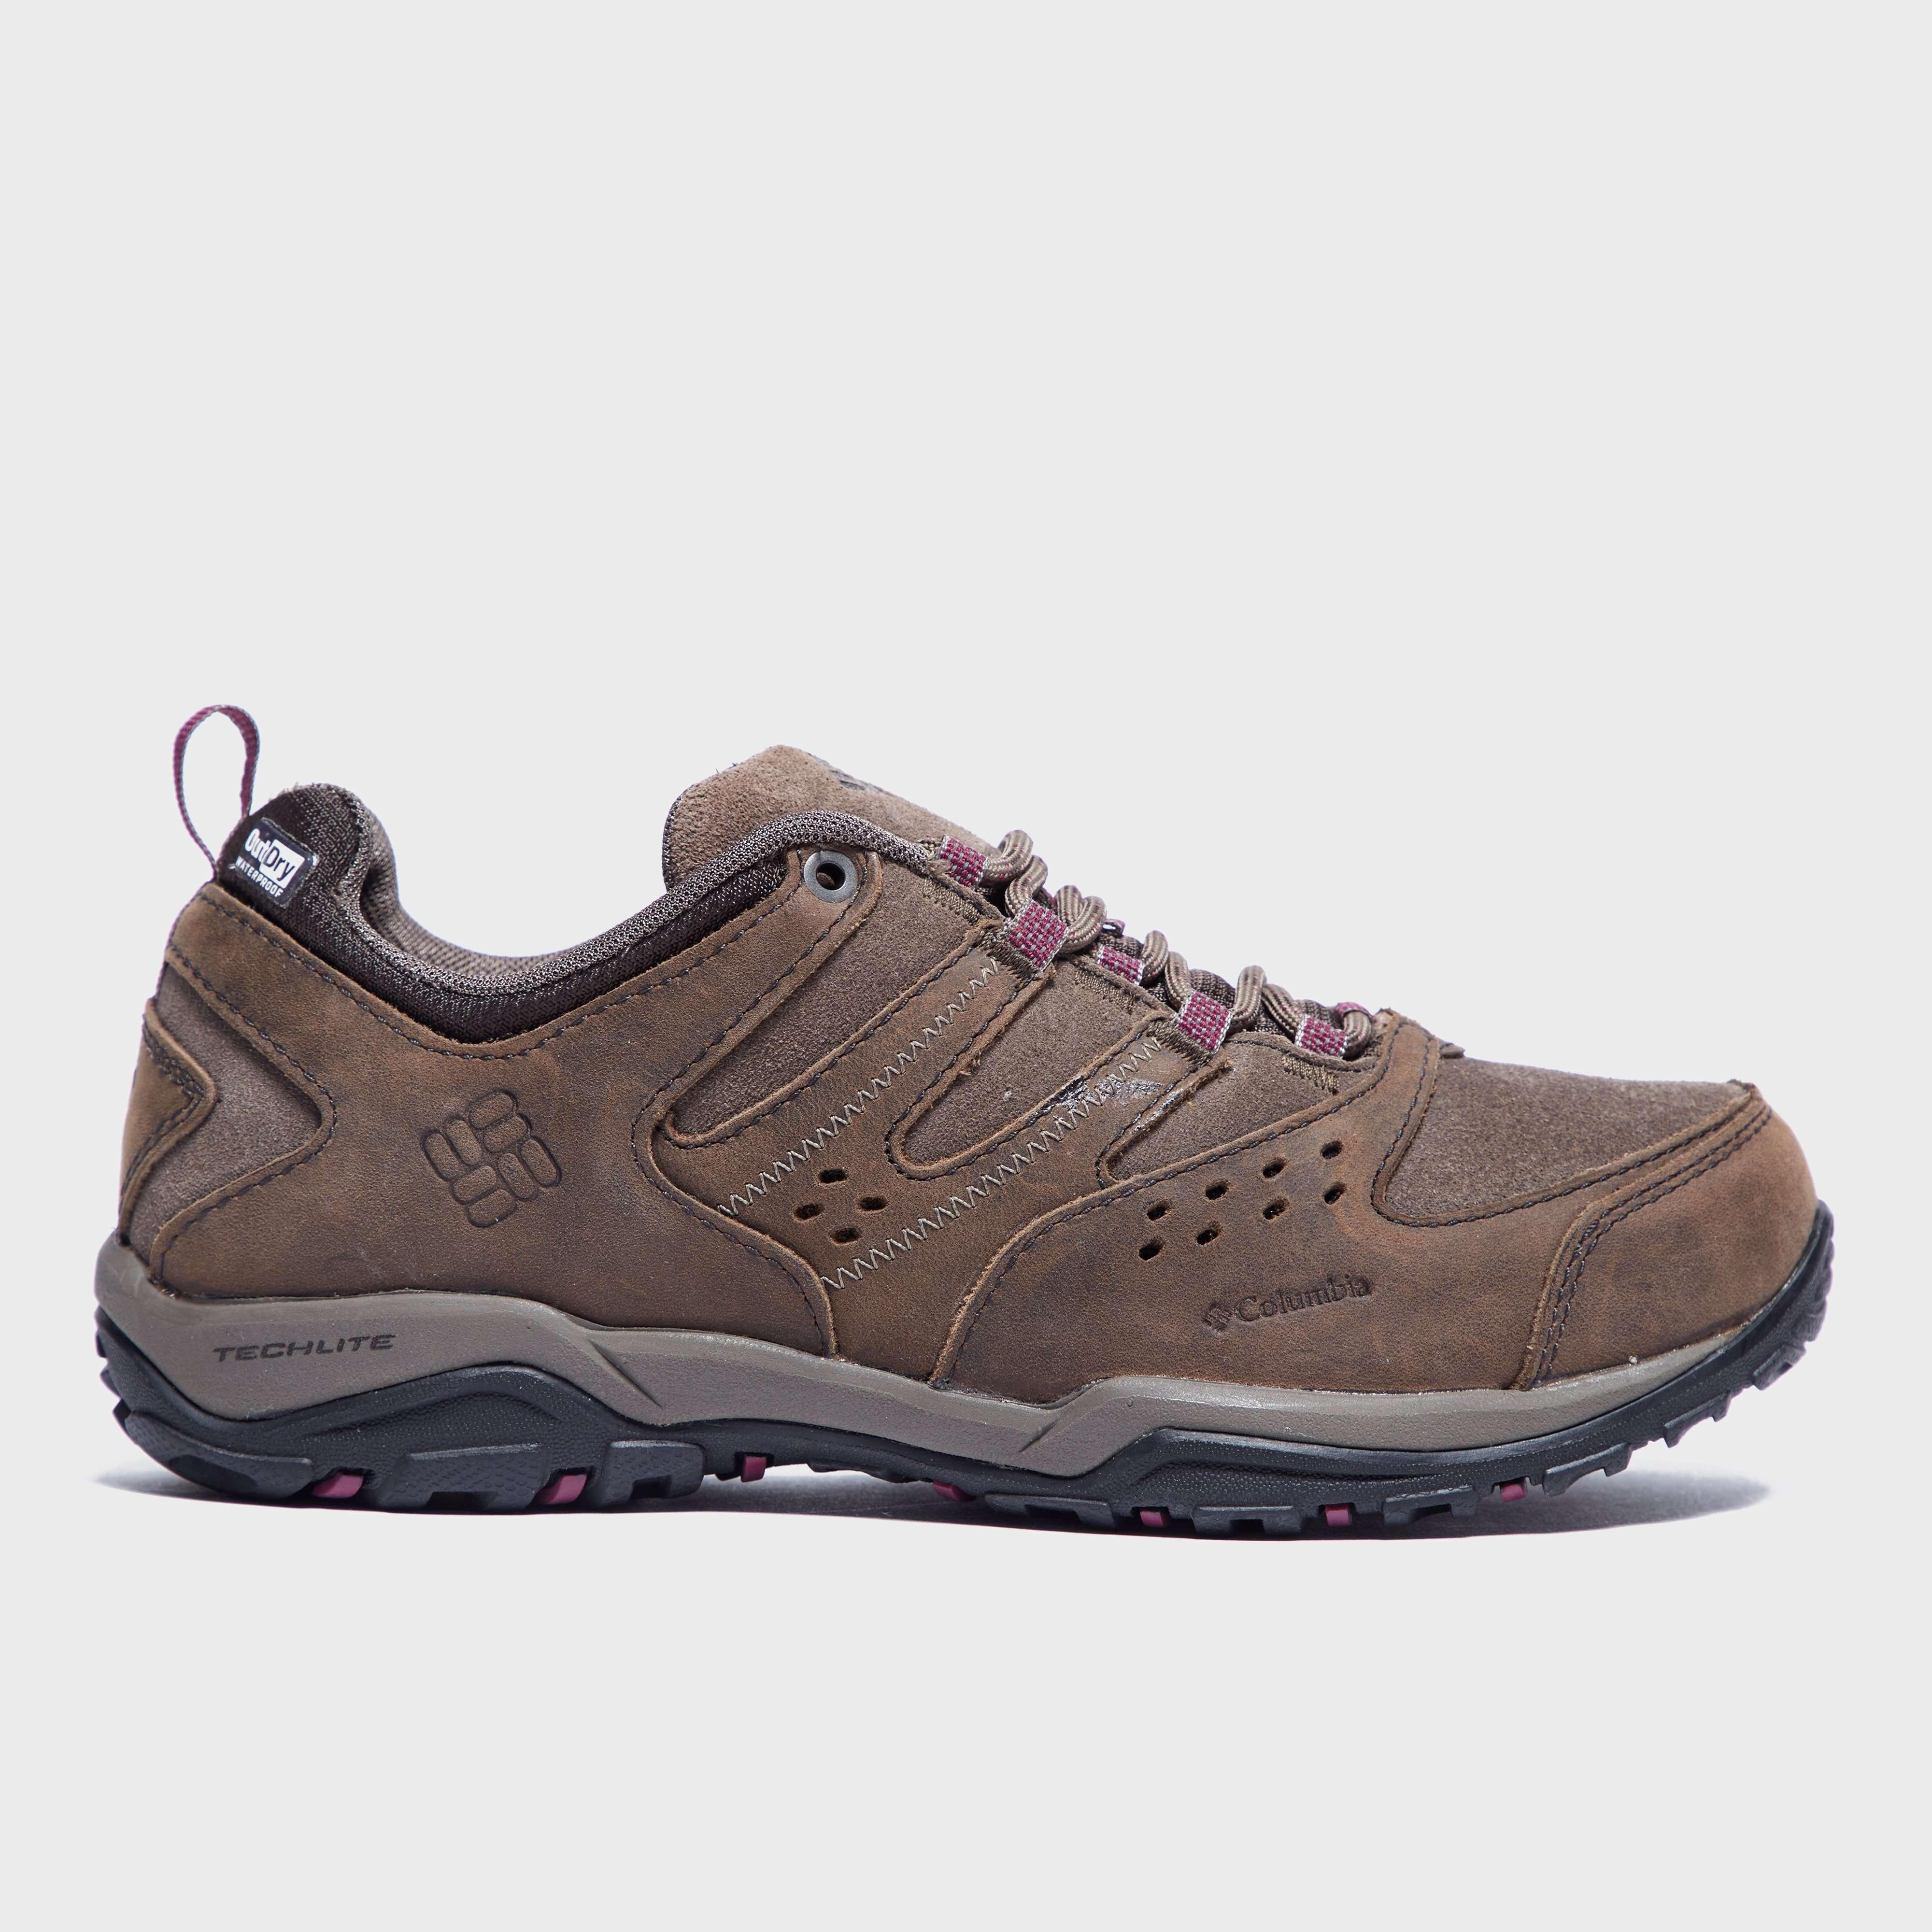 COLUMBIA Women's Peakfreak XCRSN OutDry Shoe